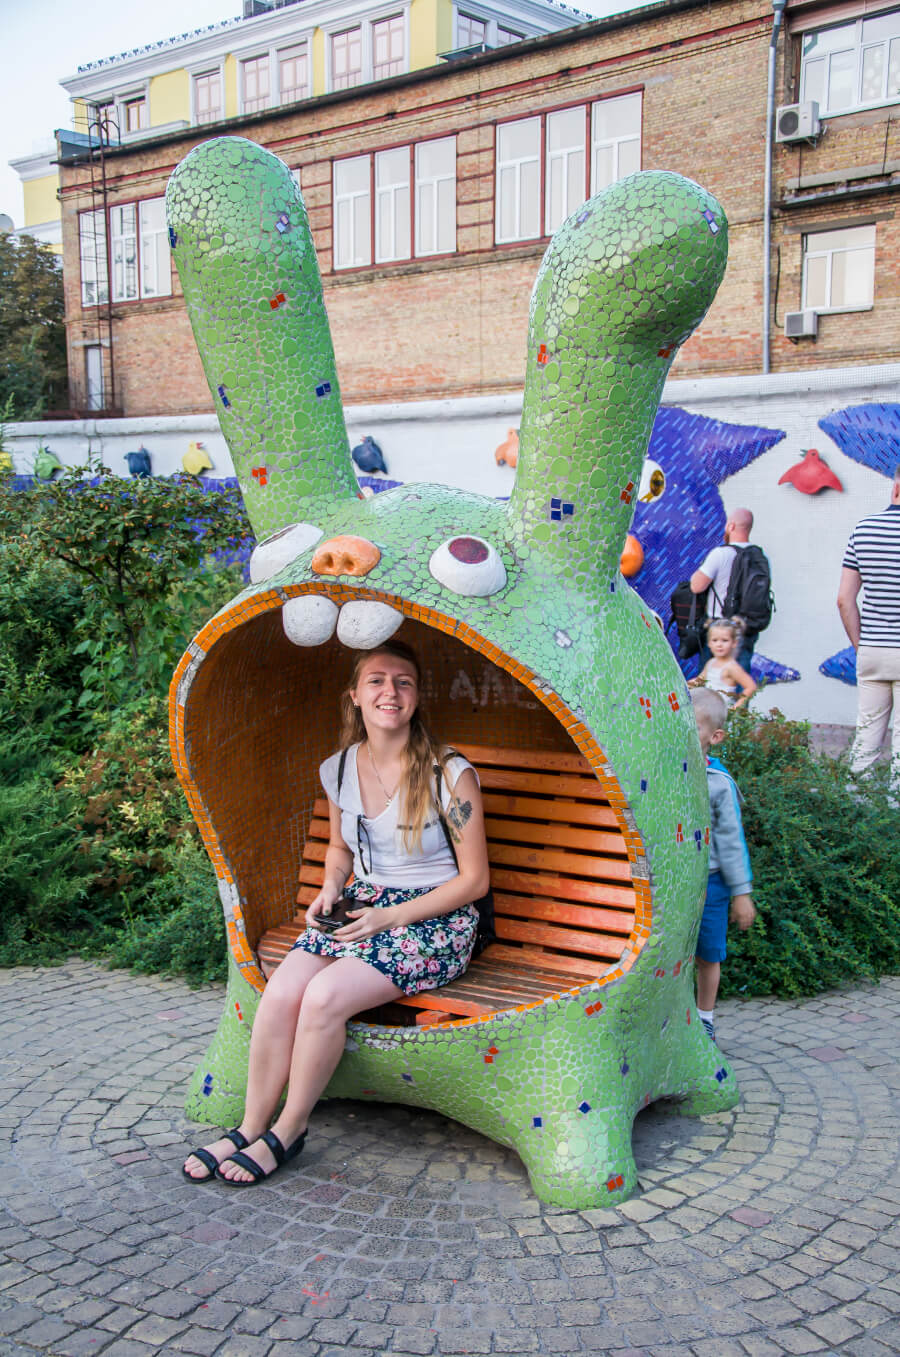 Zwiedzanie Kijowa - Aleja Pejzażowa w Kijowie